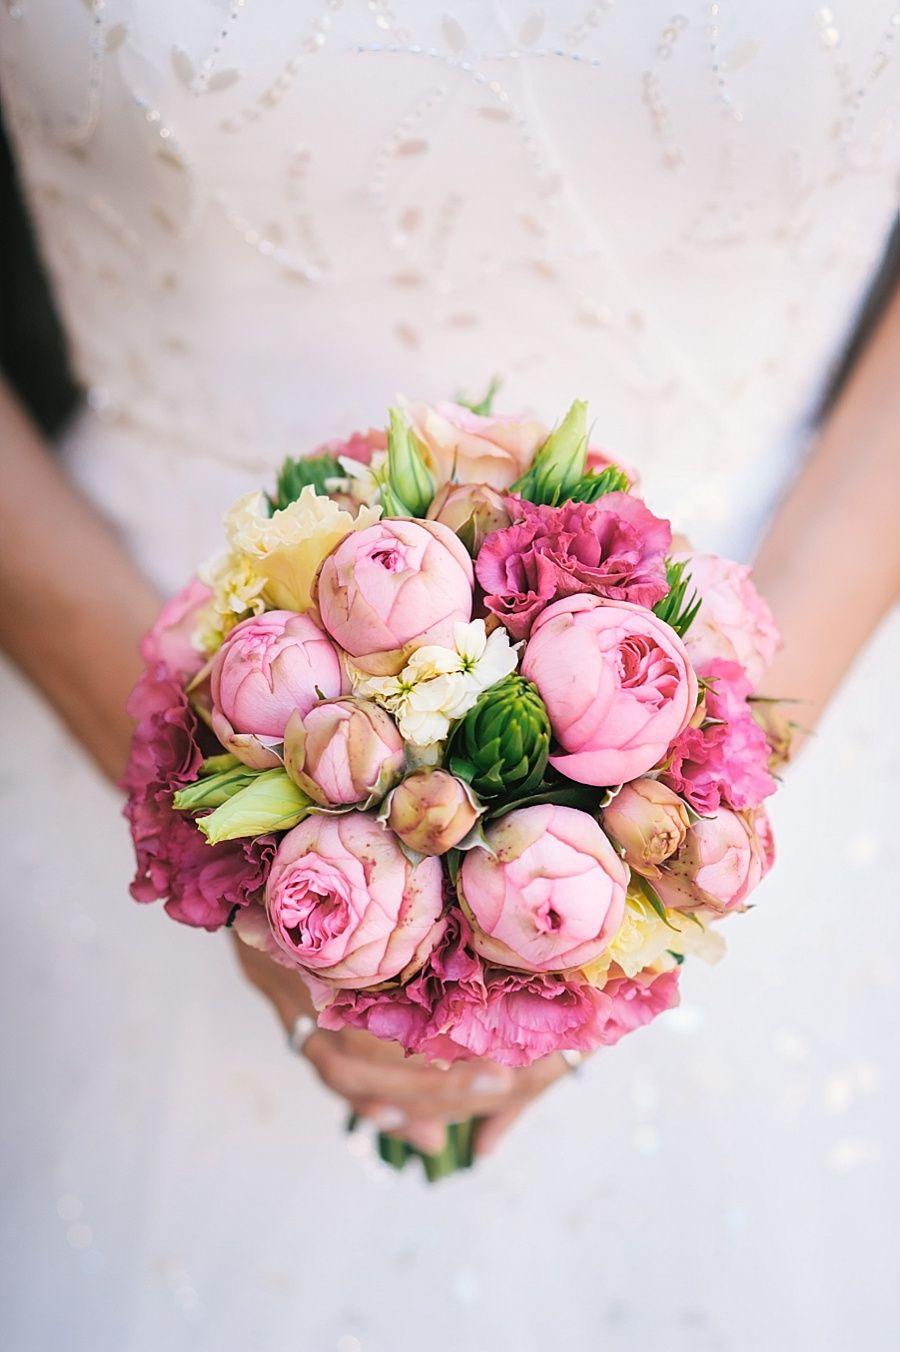 brautstrau pink unsere hochzeitsfotografie pinterest wedding pink bouquet and weddings. Black Bedroom Furniture Sets. Home Design Ideas